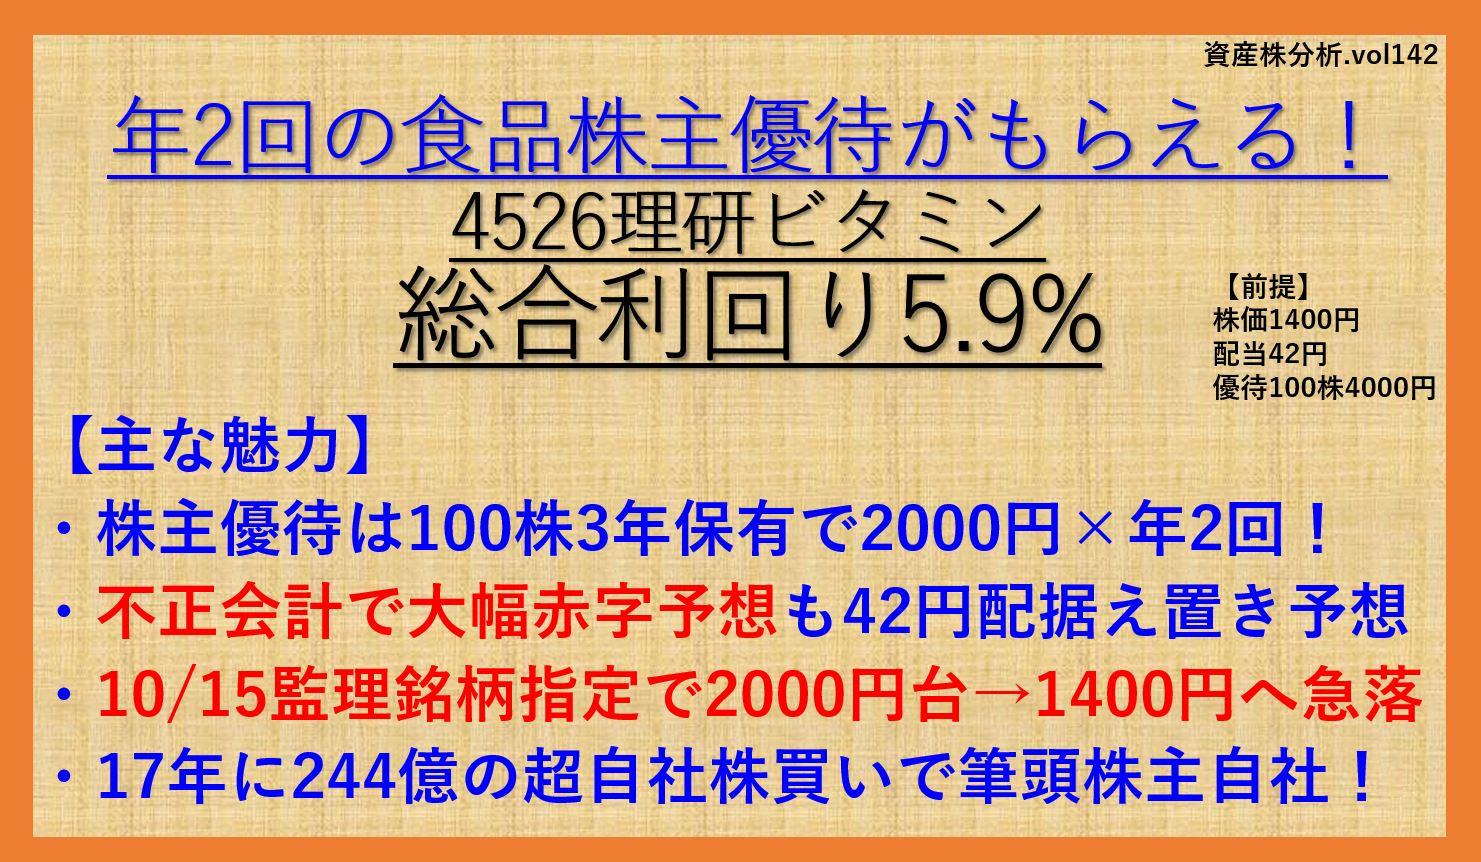 理研ビタミン-4526-資産株